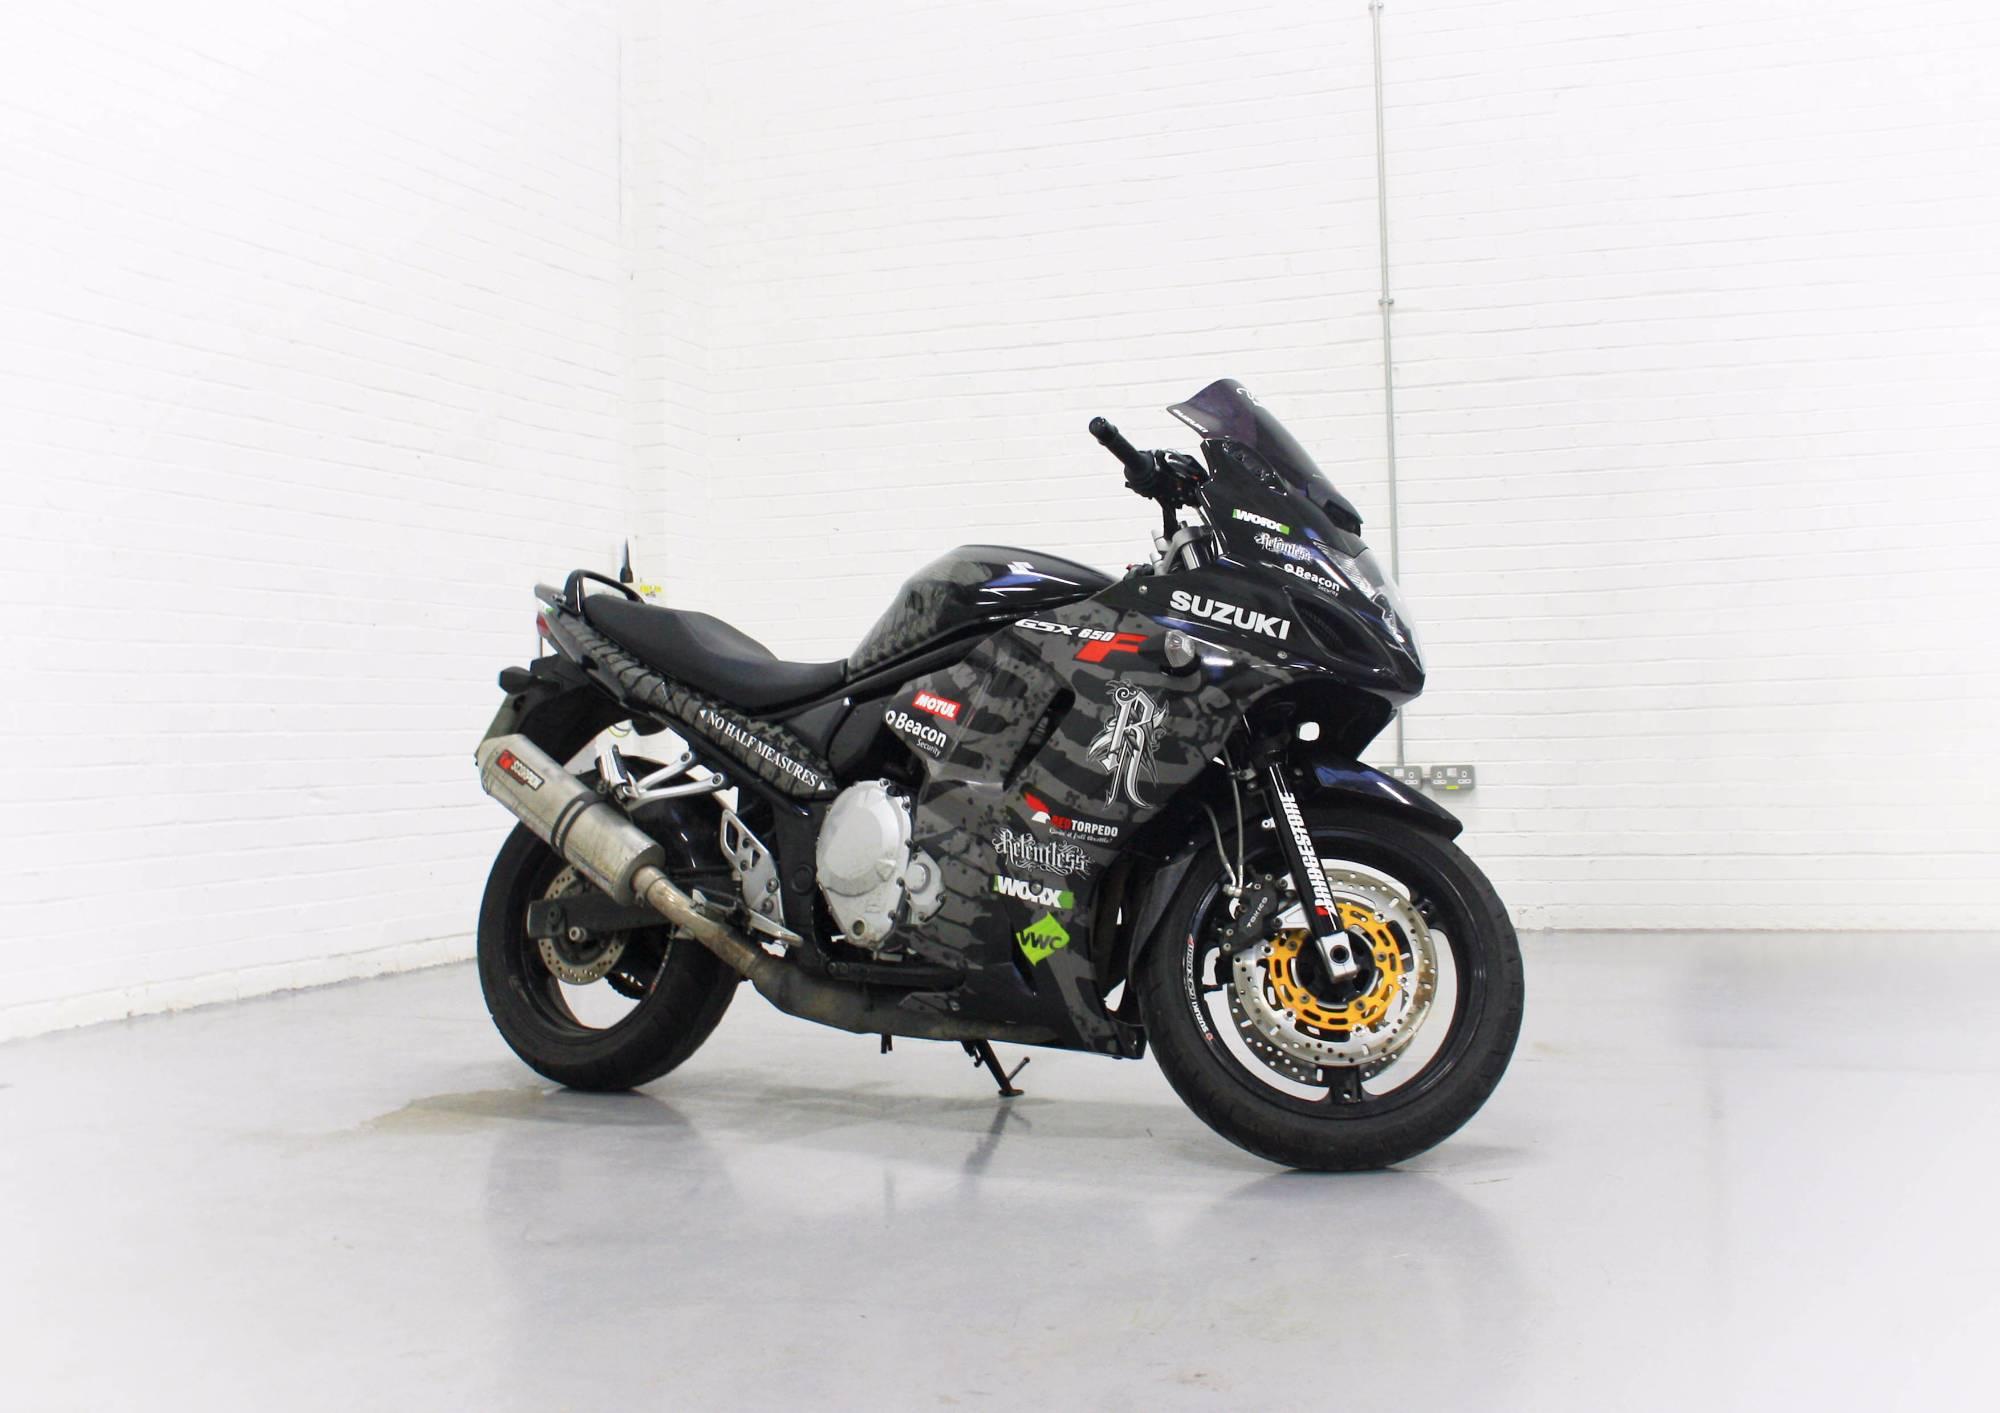 Suzuki%20GSx%20650F%20Photography%202